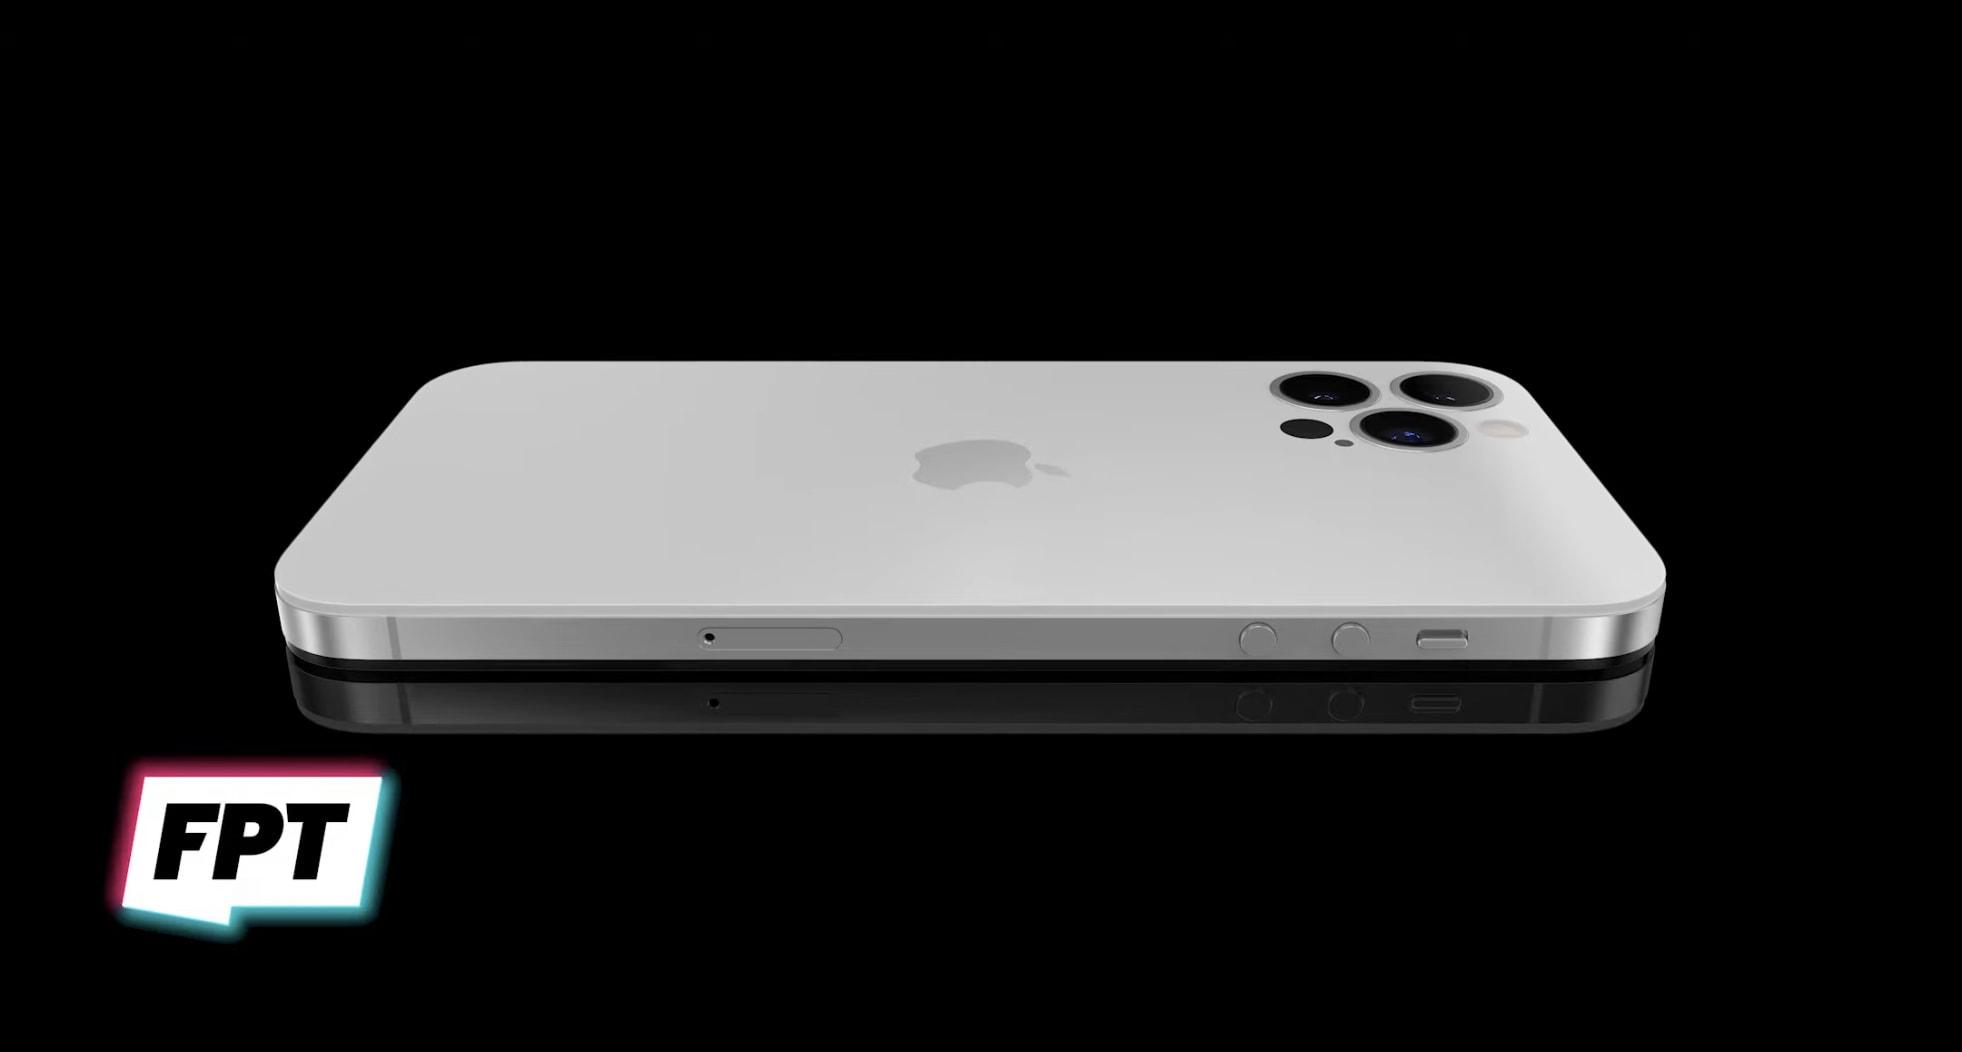 Jon Prosser's iPhone 14 leak: It looks a lot like iPhone 4